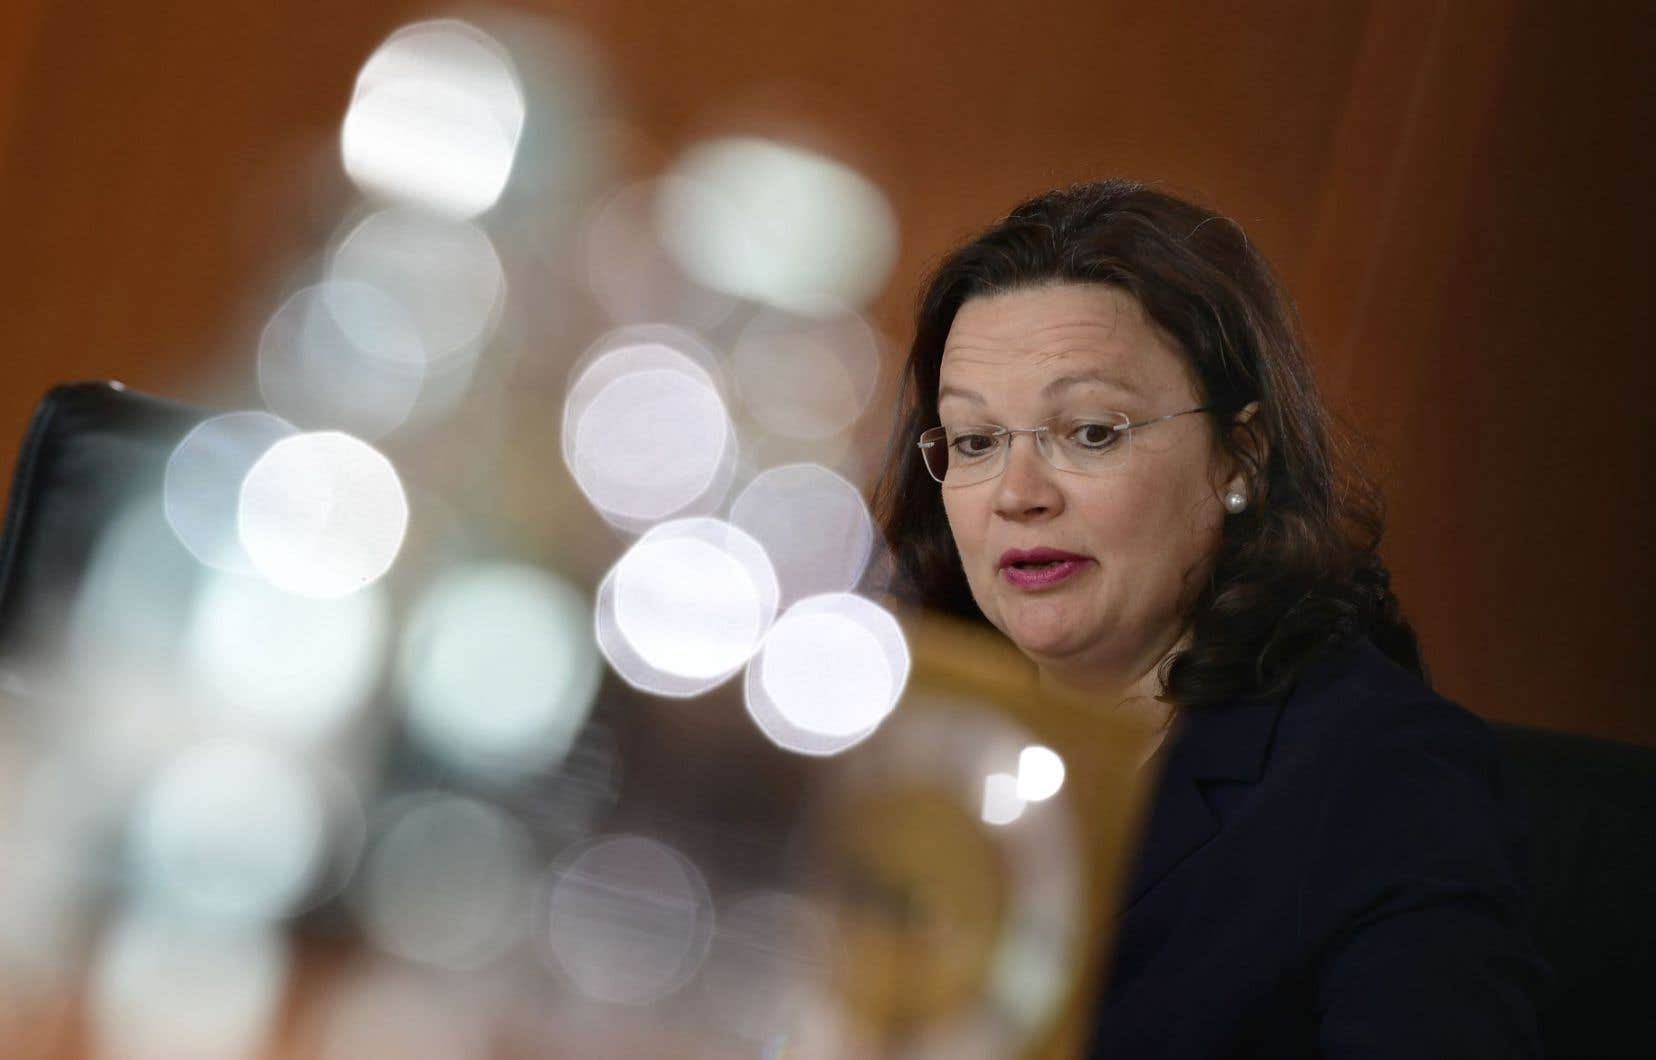 Par voie de communiqué, la ministre allemande du Travail, Andrea Nahles, a souligné que le nombre historiquement élevé de chômeurs de l'année 2005 a pu être divisé par deux en Allemagne.